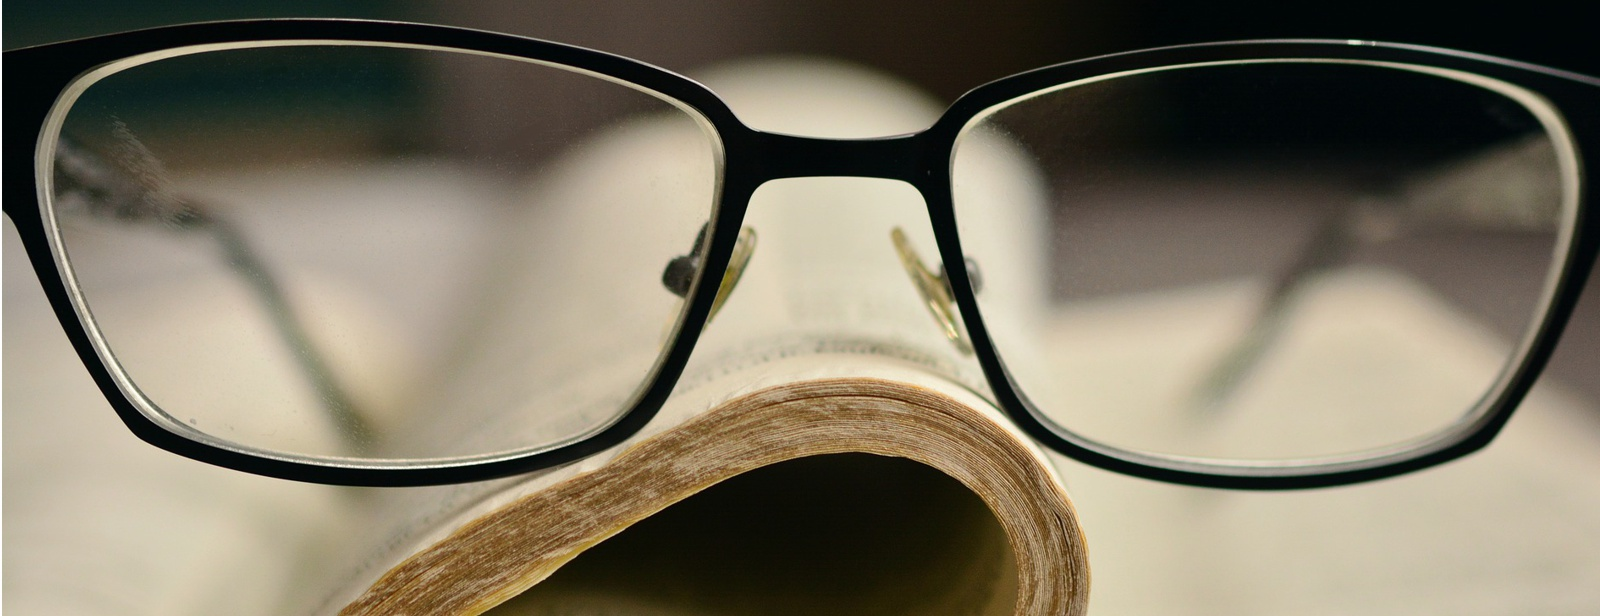 La Bible comporte-t-elle des erreurs ? Par John Walton